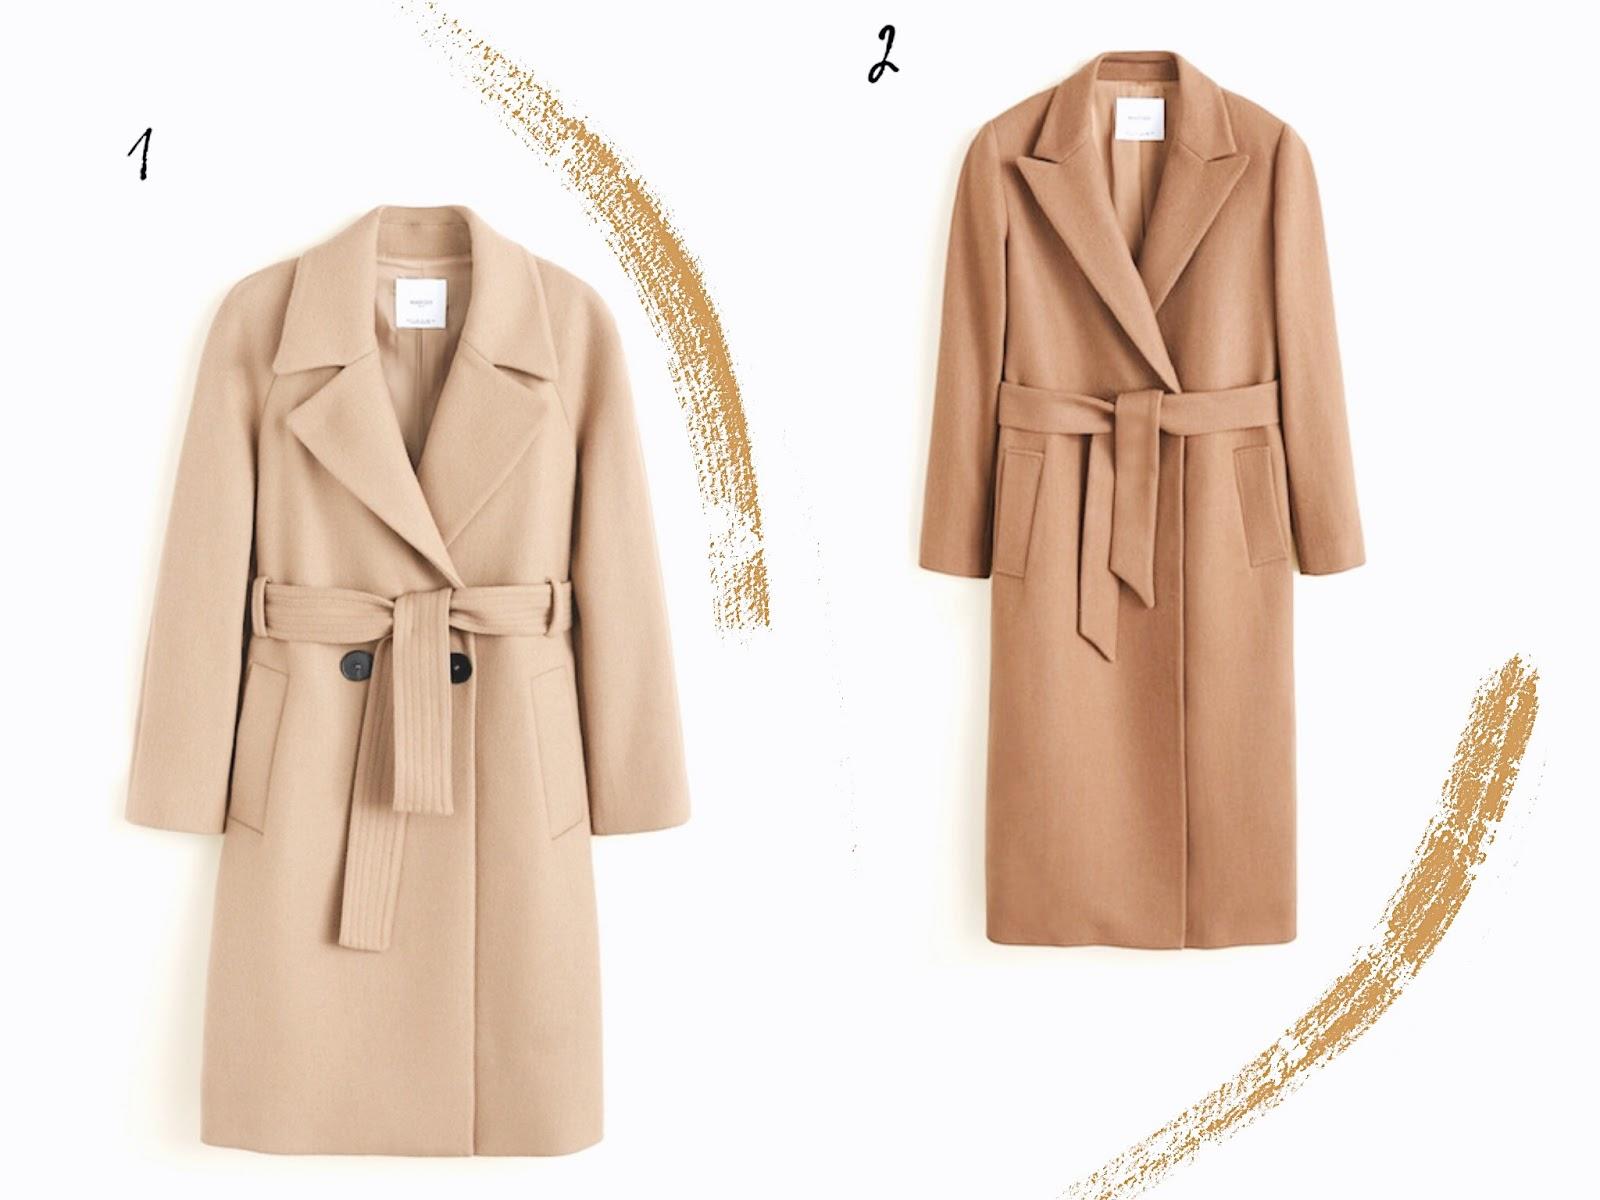 Beżowy płaszcz | Stylish Blog Story lifestylowy blog o